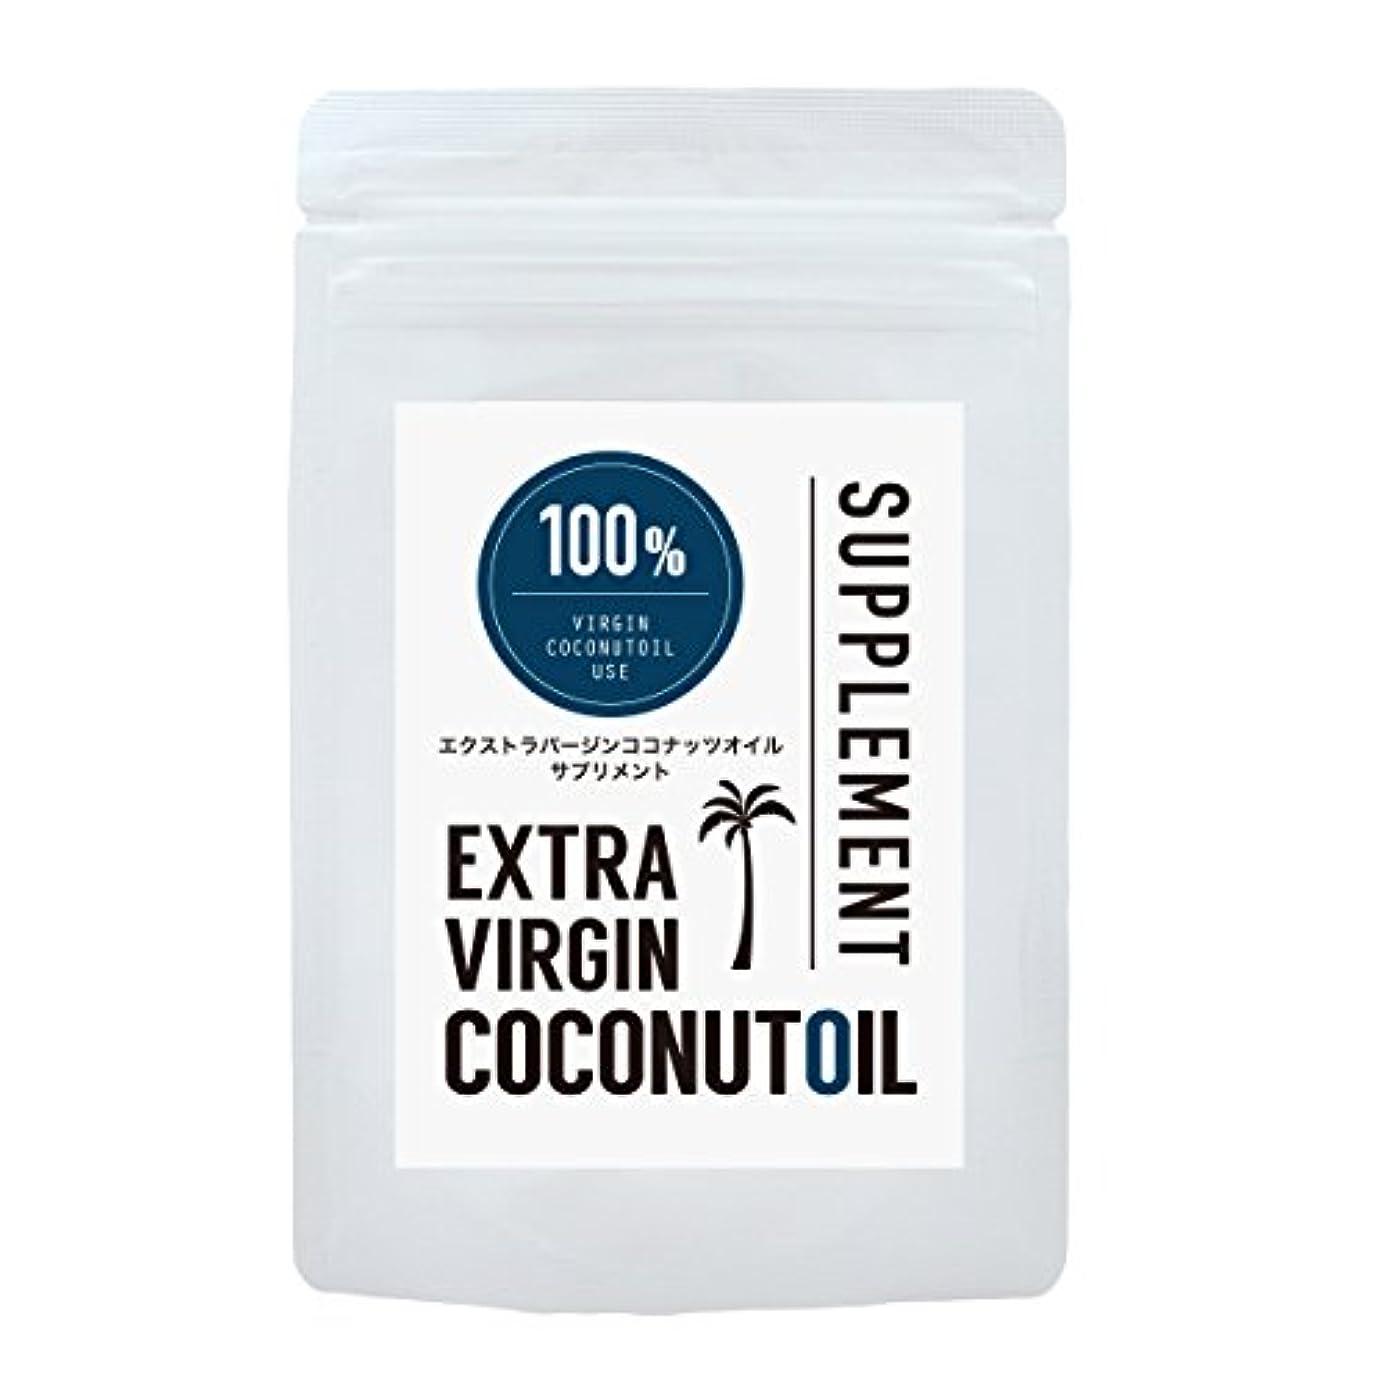 自発的姪畝間エクストラヴァージン ココナッツオイル サプリメント 90粒入り 無臭 カプセルタイプ